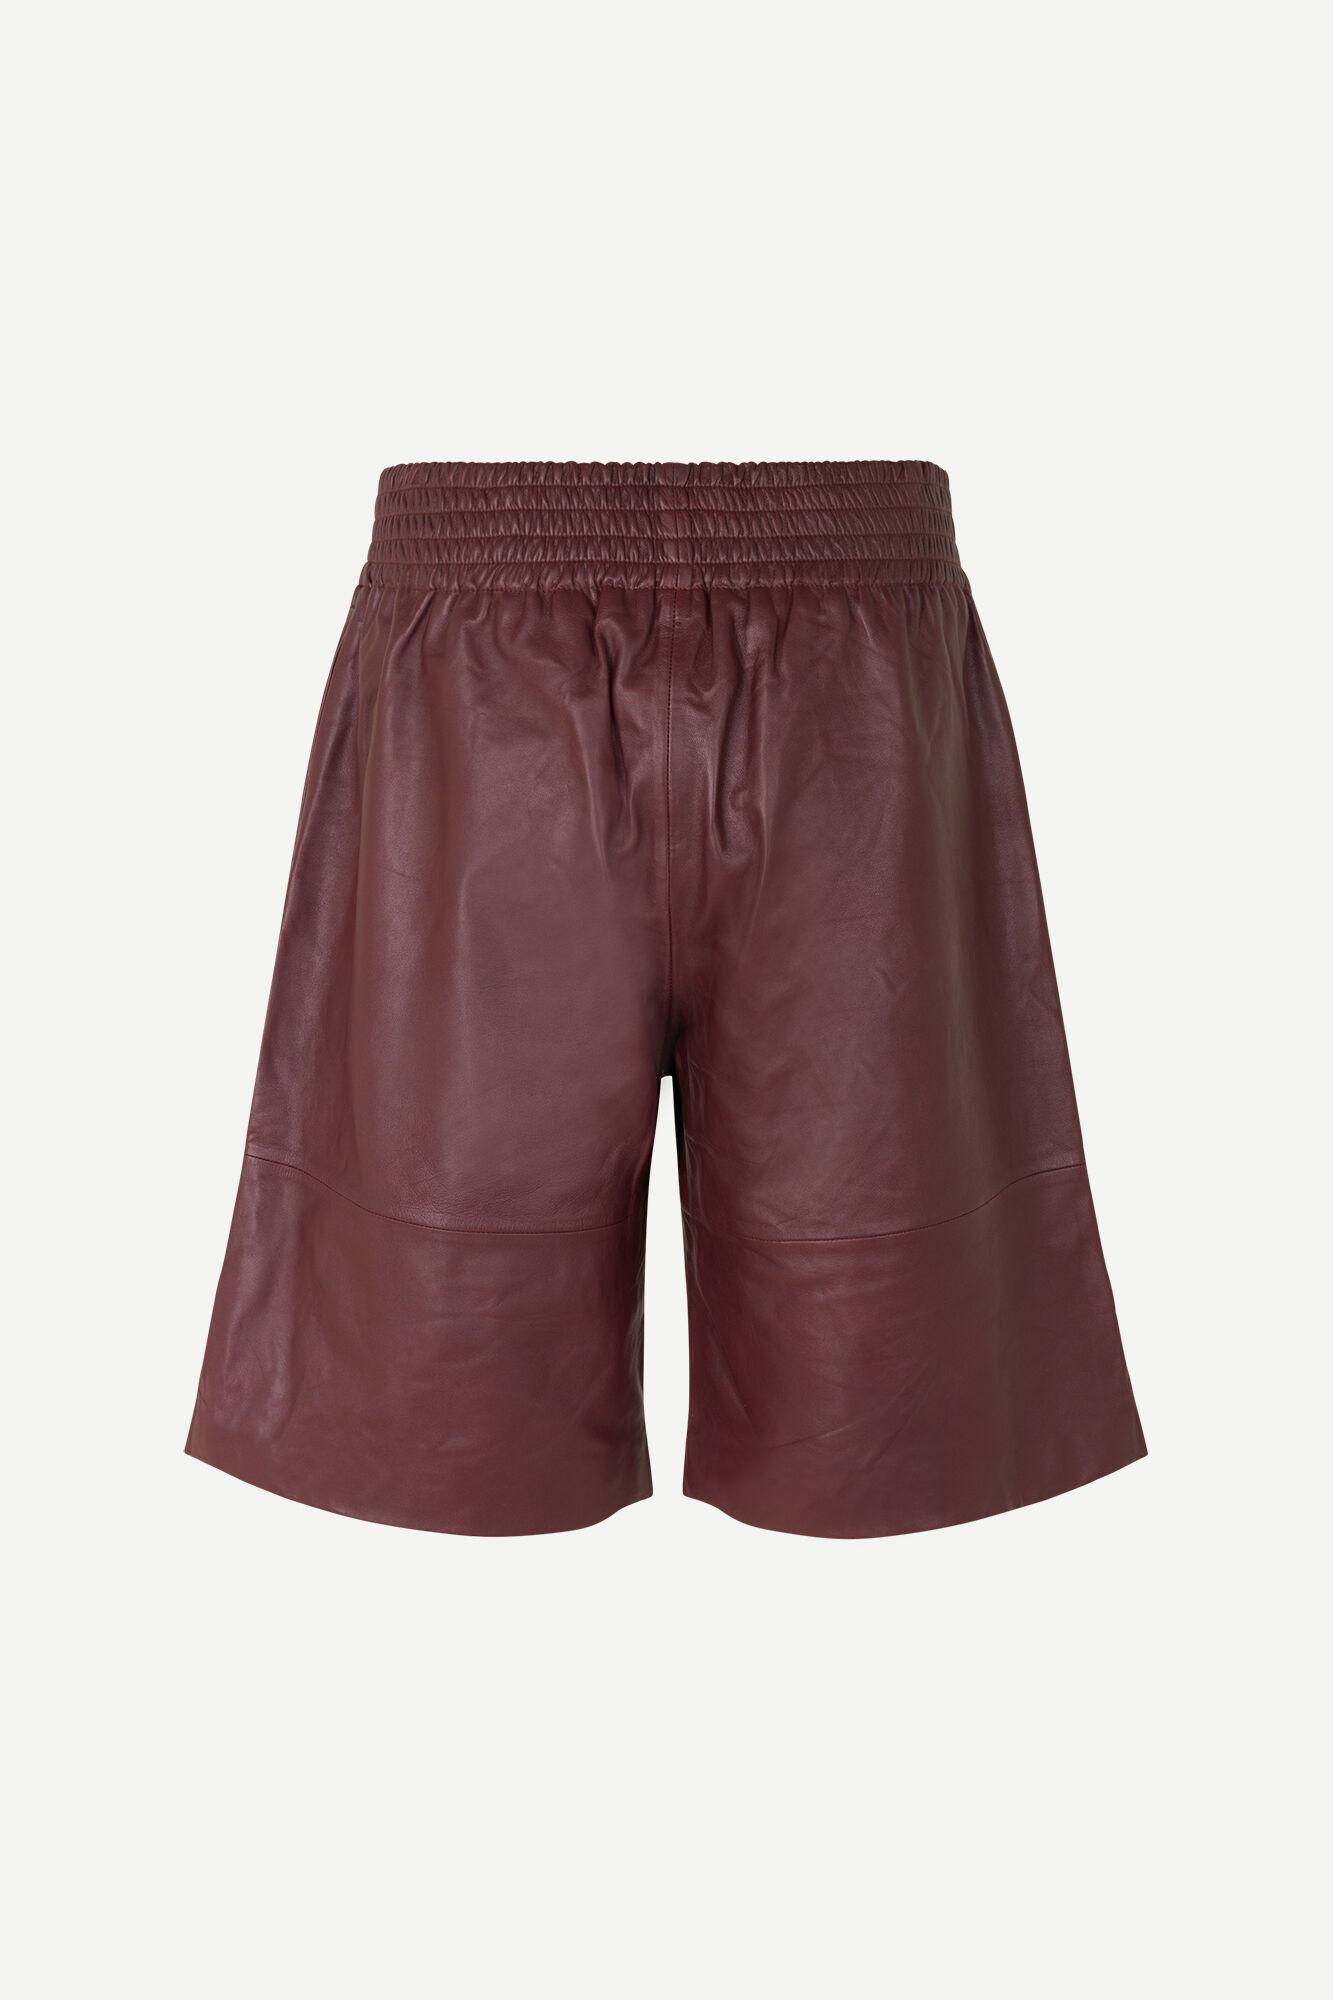 Ariah shorts 12896